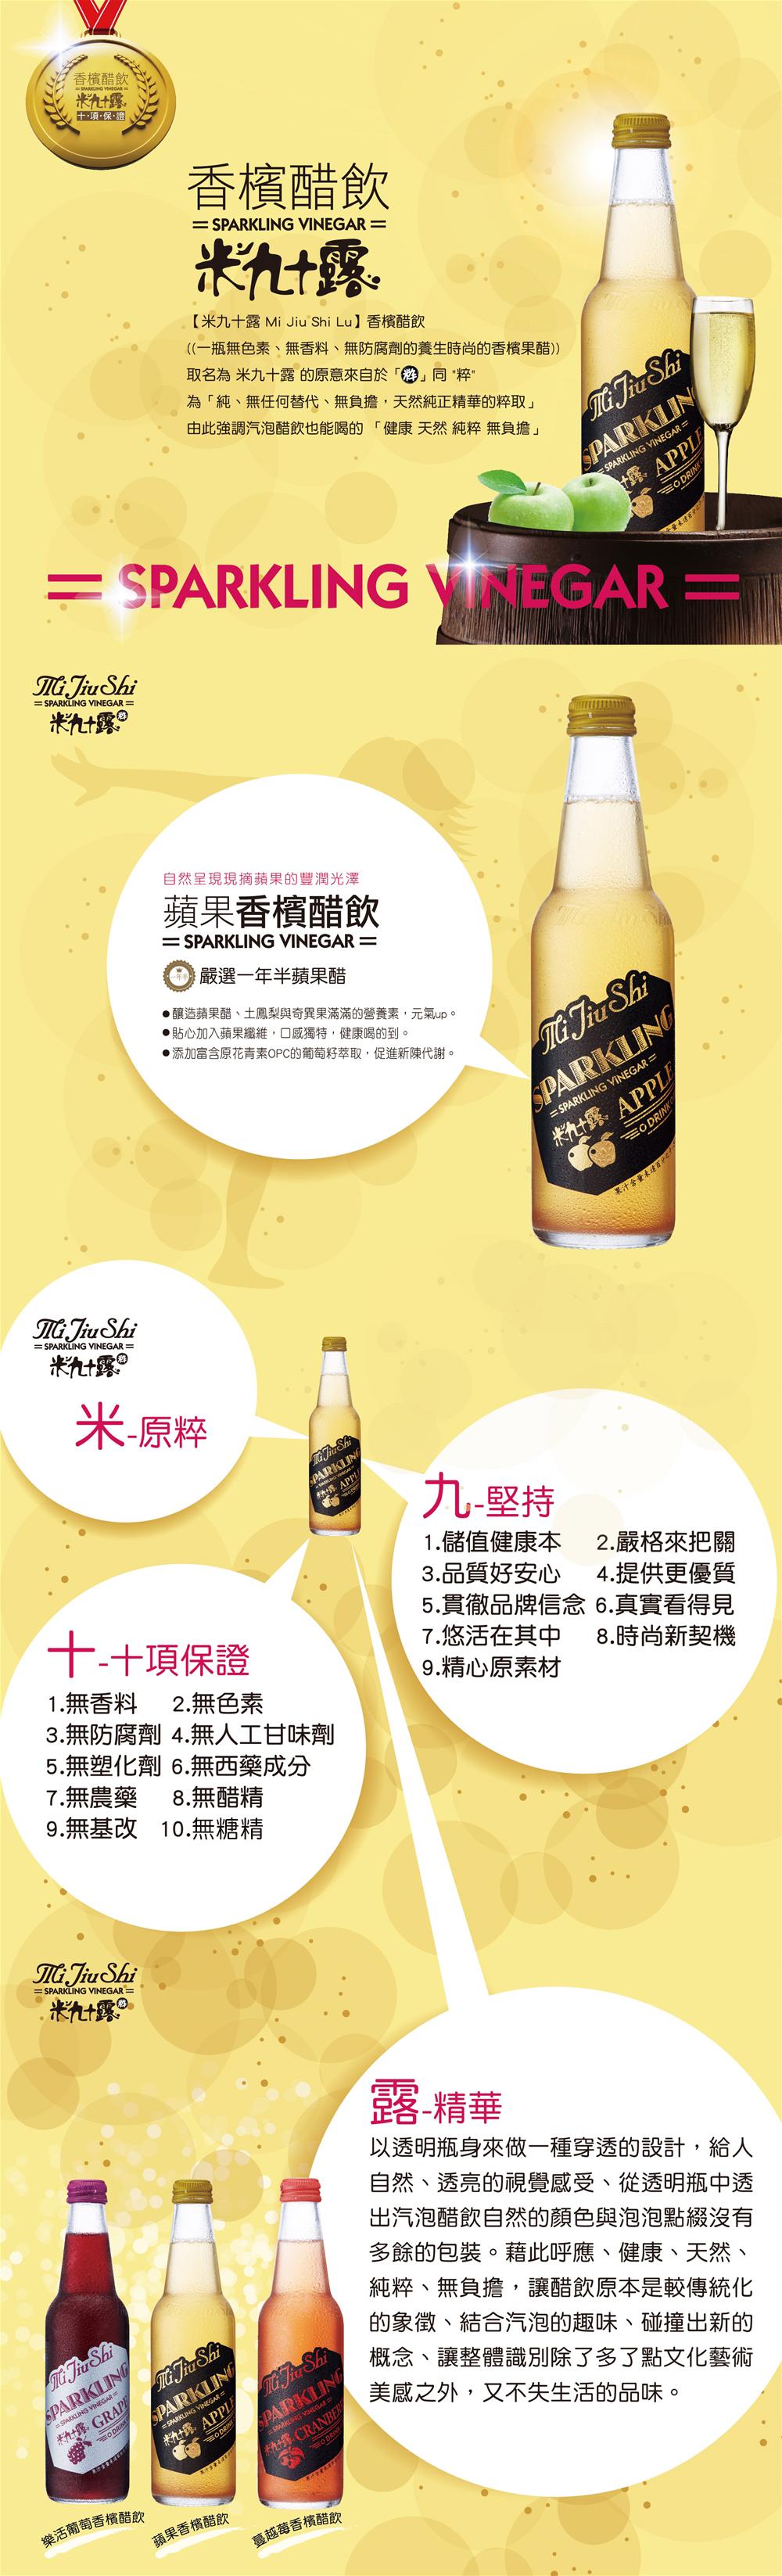 米九十露健康醋蘋果香檳氣泡飲